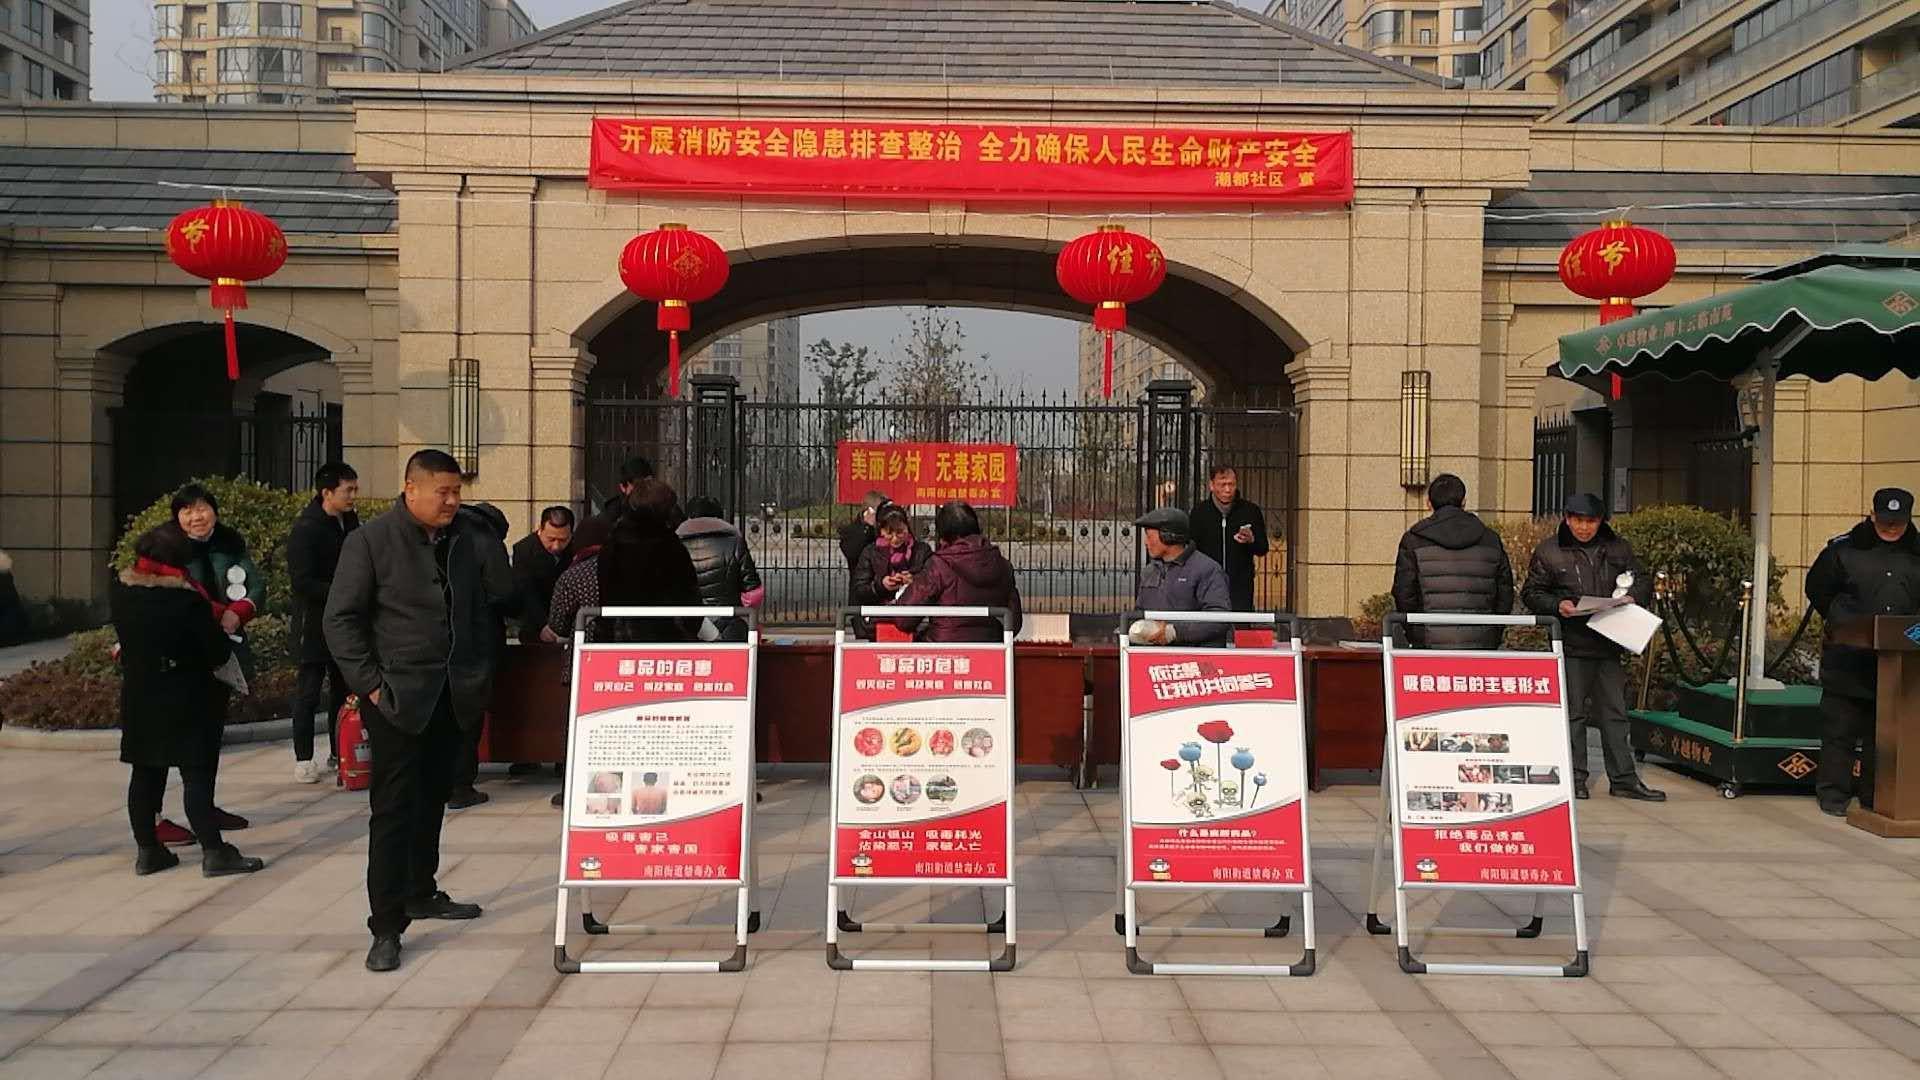 南阳街道开展消防安全、禁毒、平安、反邪教宣传活动